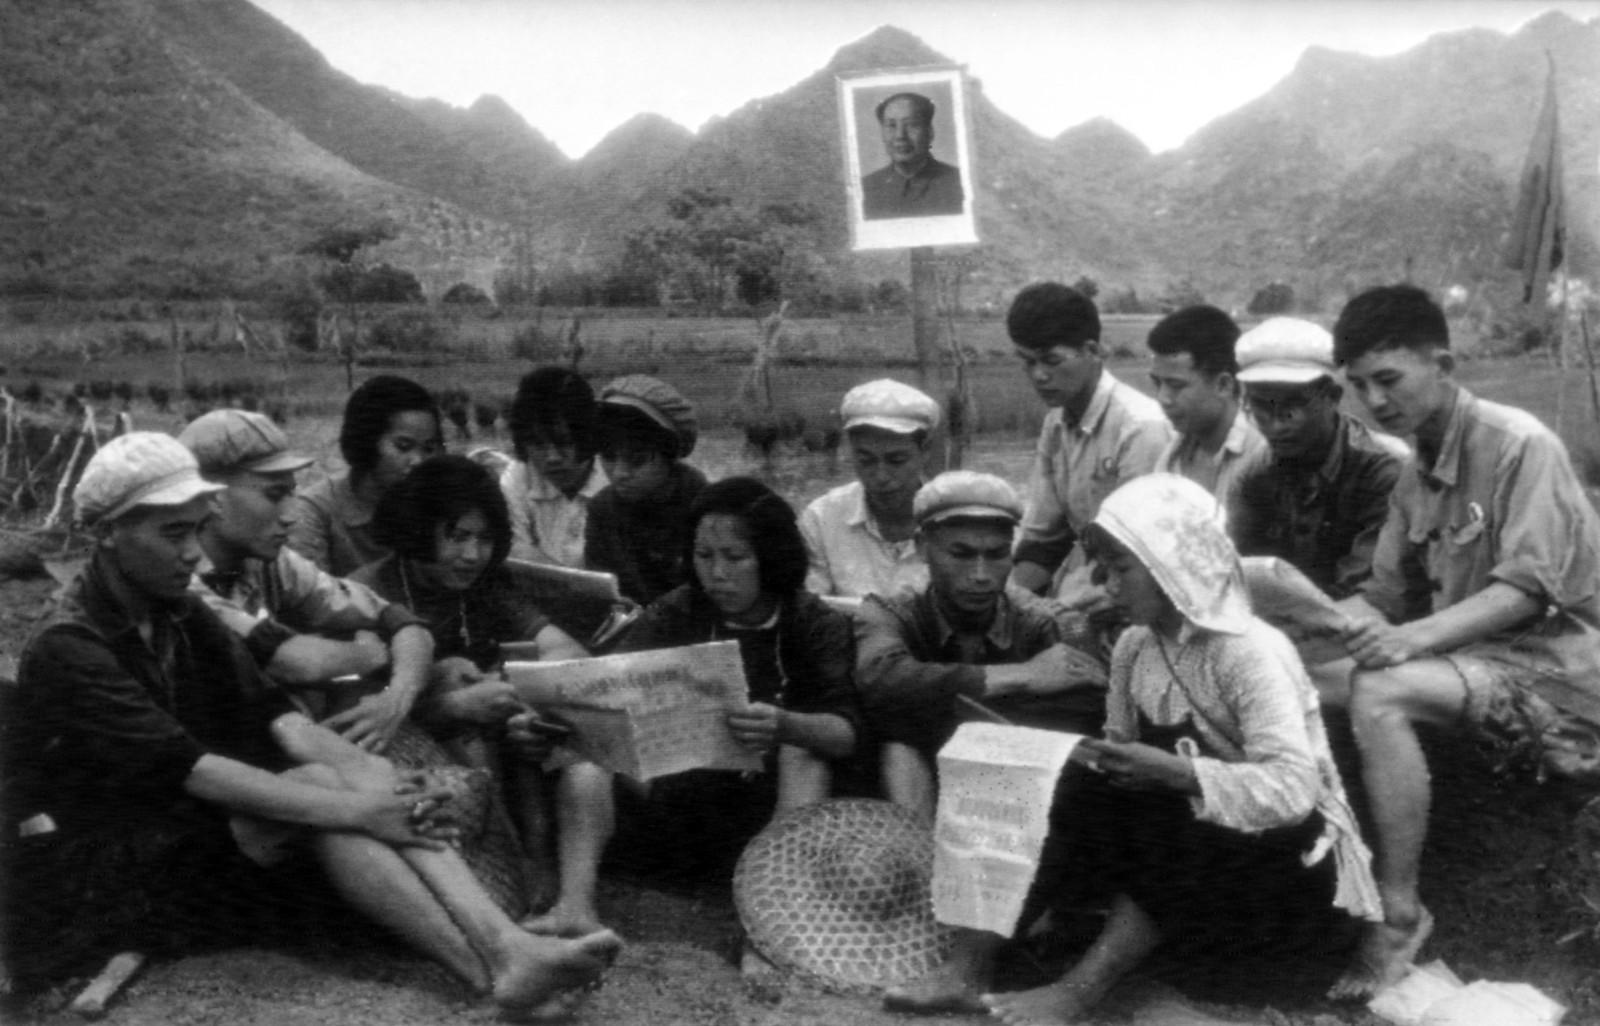 Under kulturrevolusjonen ble hundretusener av unge studenter og skolelever sendt ut på landsbygda for å ta del i bøndenes arbeid. Her studerer en gruppe i Kwangsi-provinsen dokumenter fra partikongressen i 1969.